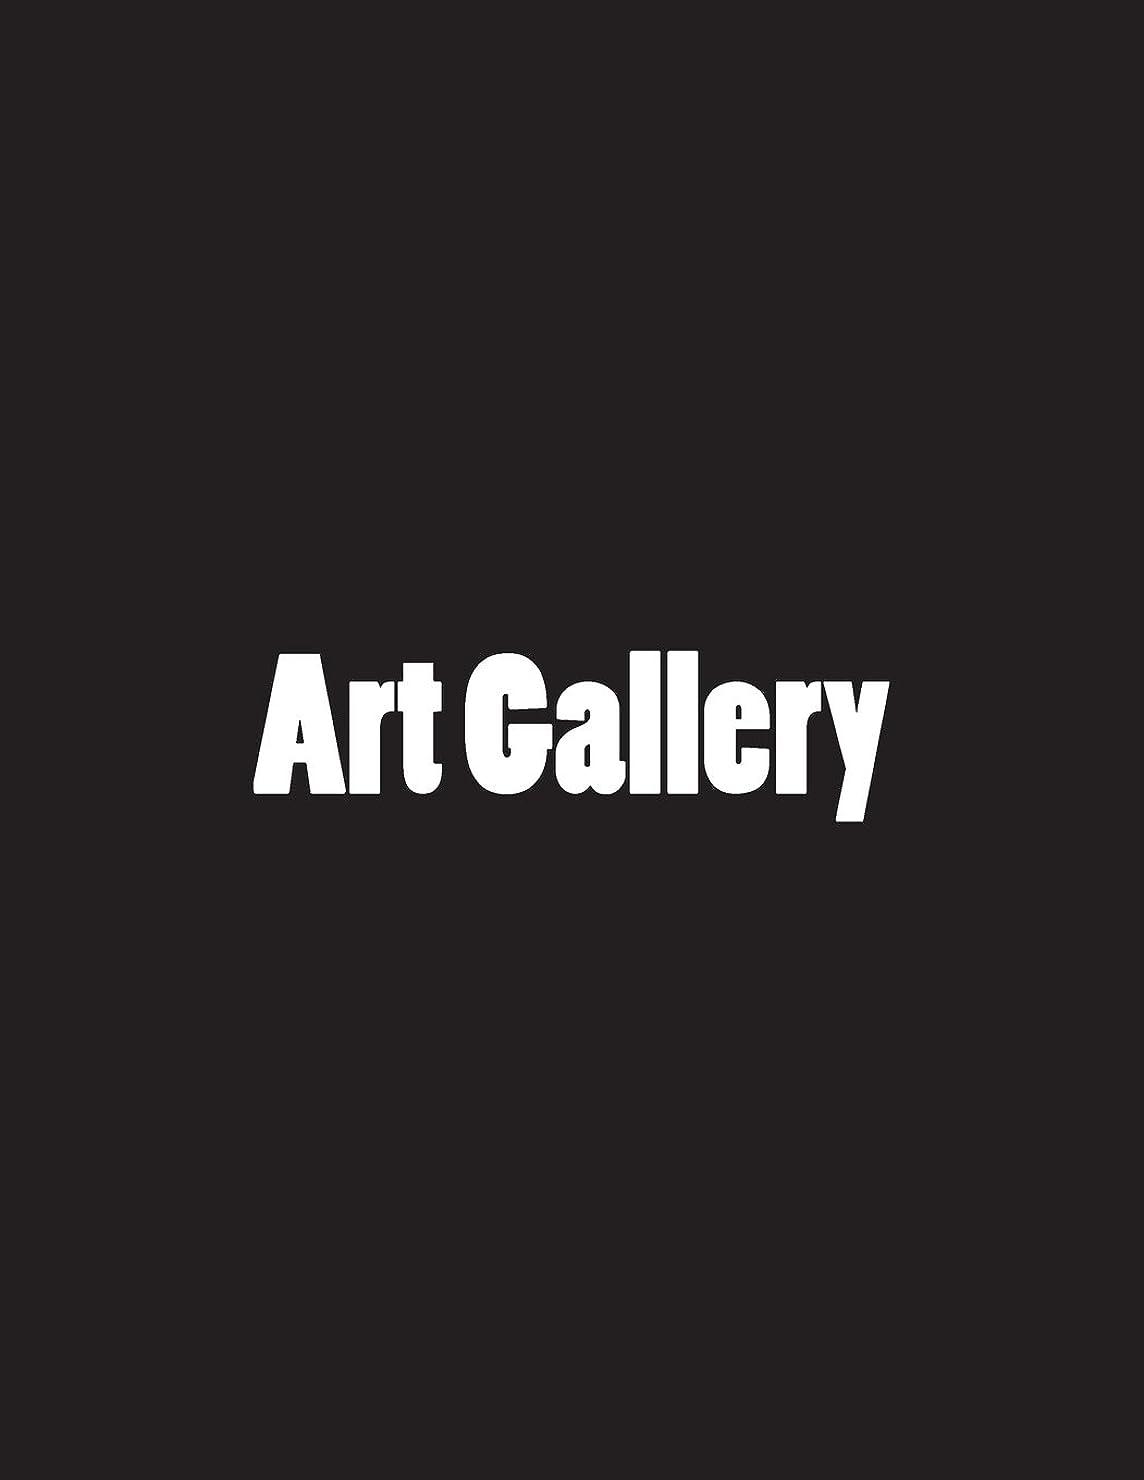 底休日にダイアクリティカルArt Gallery: Notebook Large Size 8.5 x 11 Ruled 150 Pages